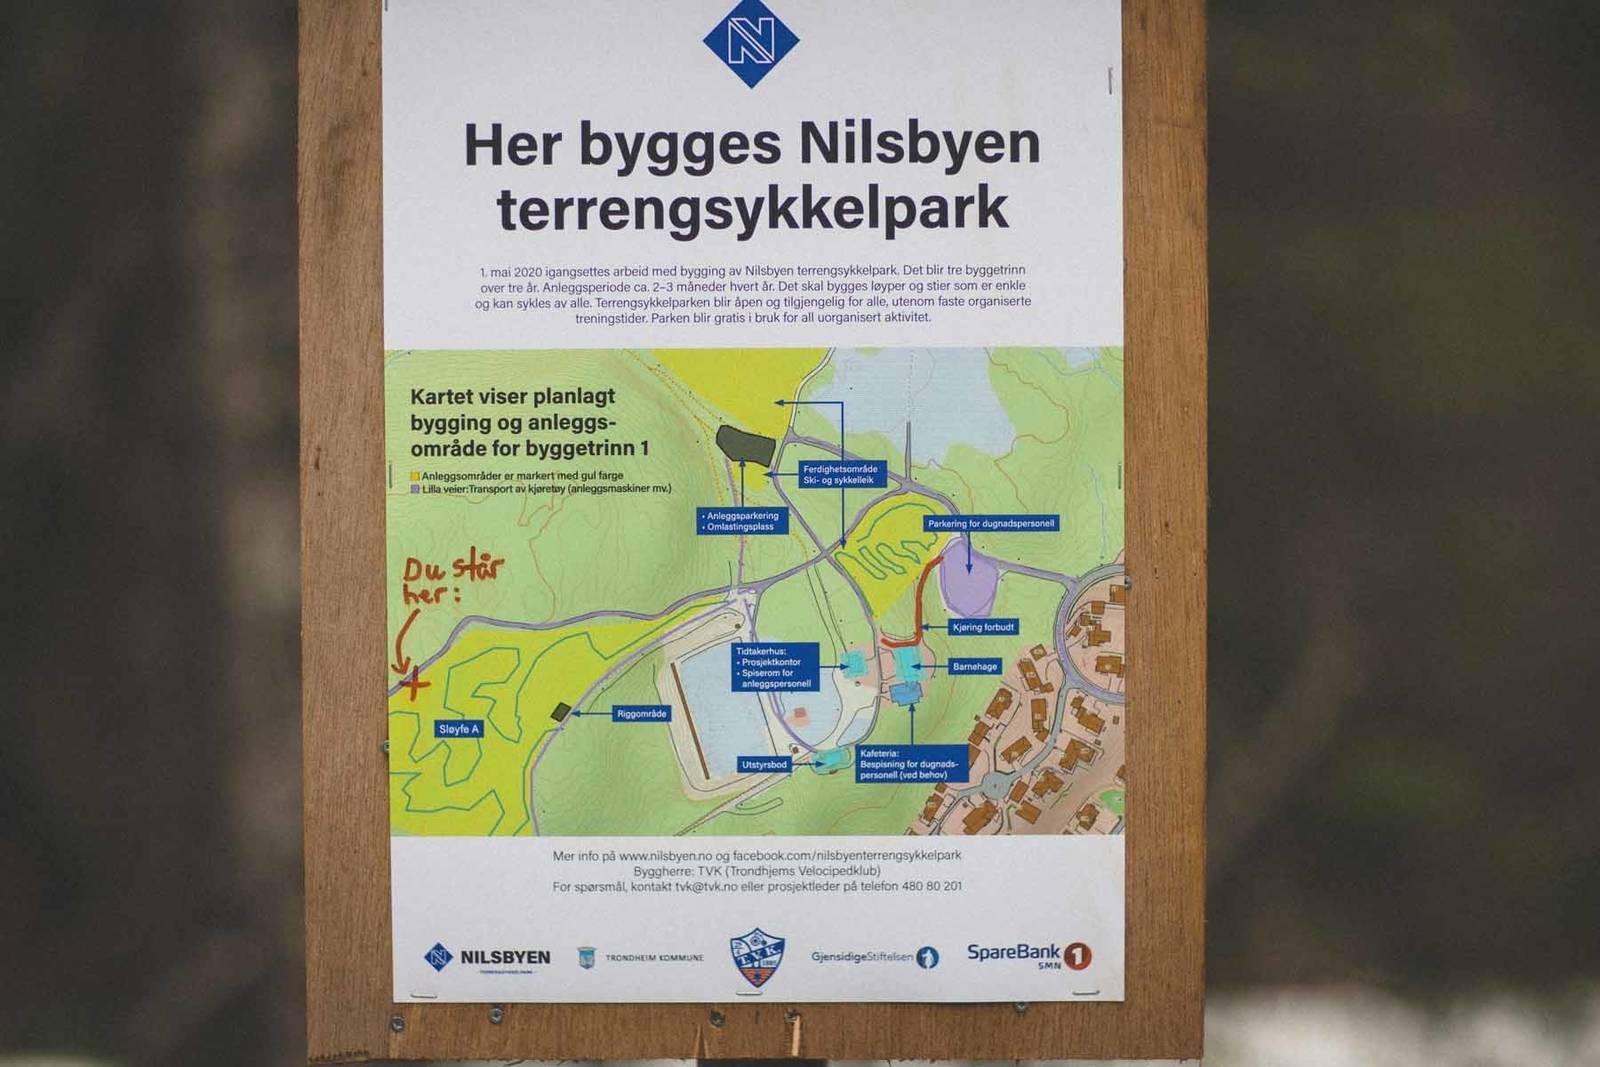 nilsbyen sykkelpark trondheim